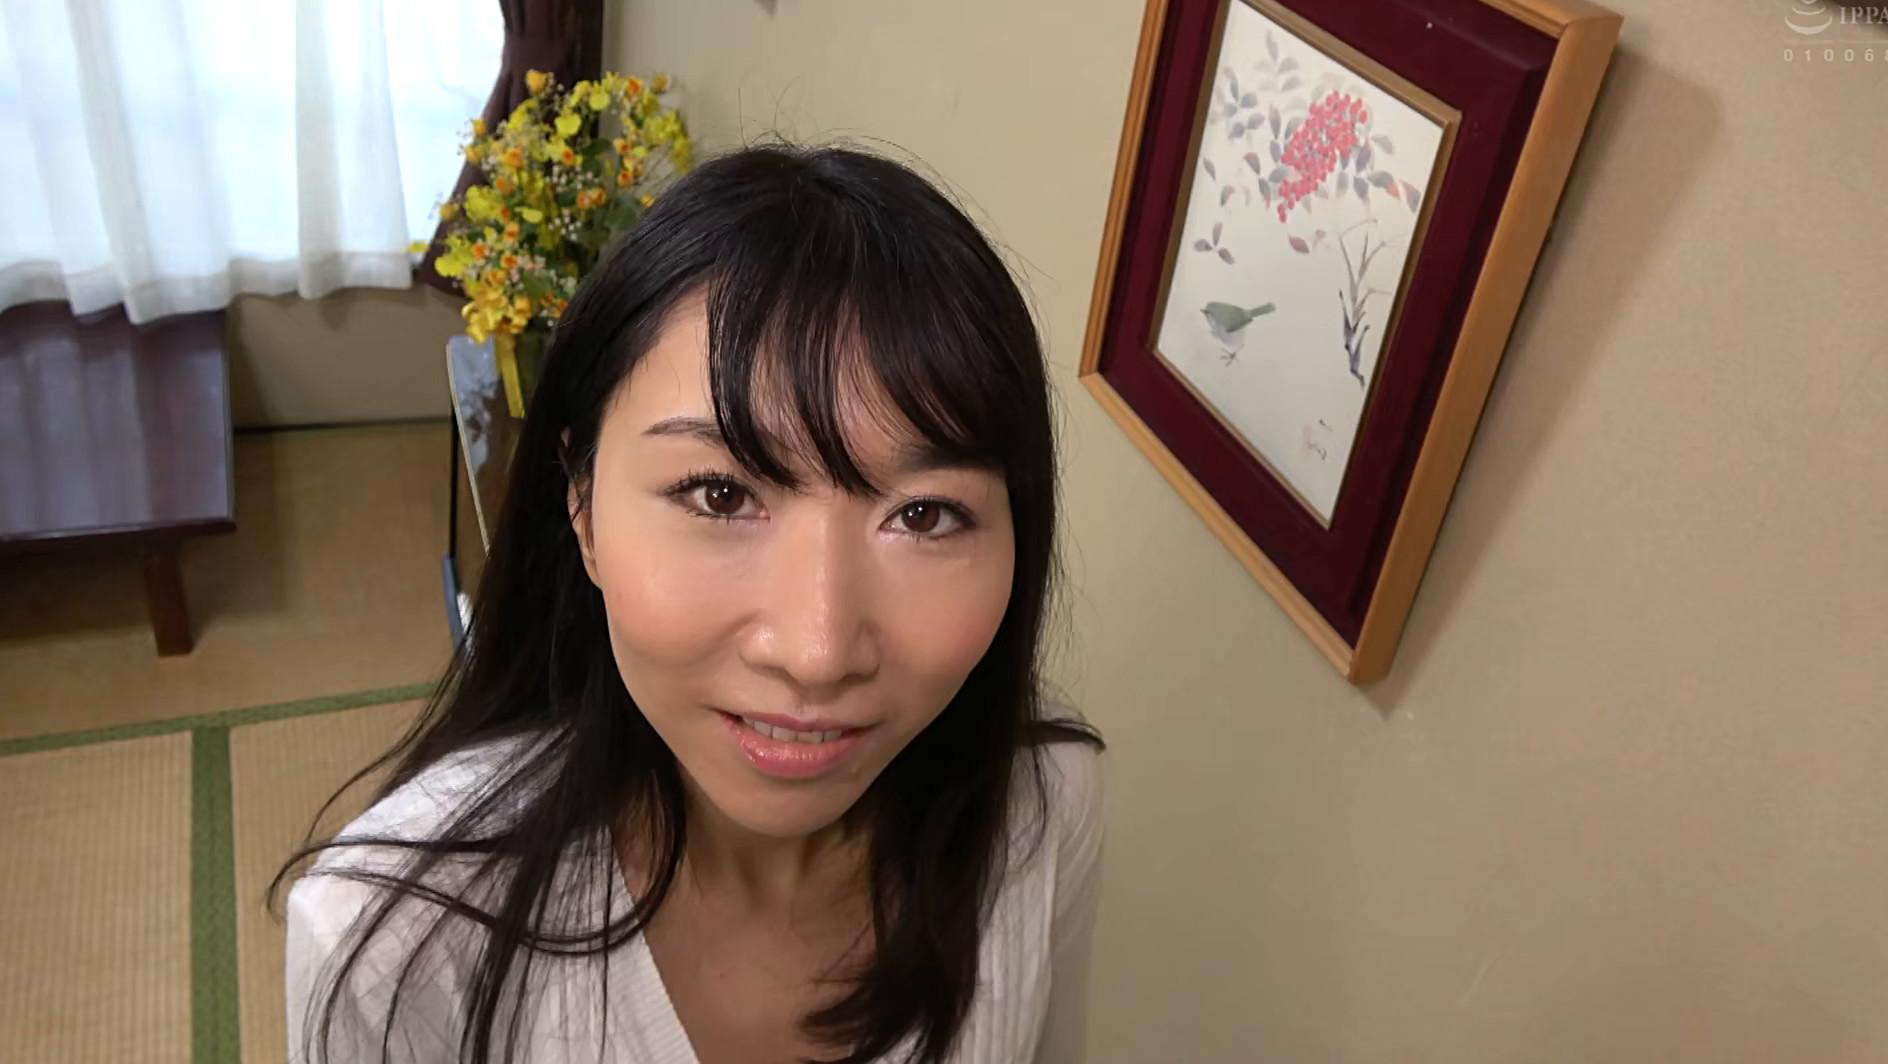 子供部屋おじさん(35歳無職の息子)を性処理する義母 森田紅音 画像3